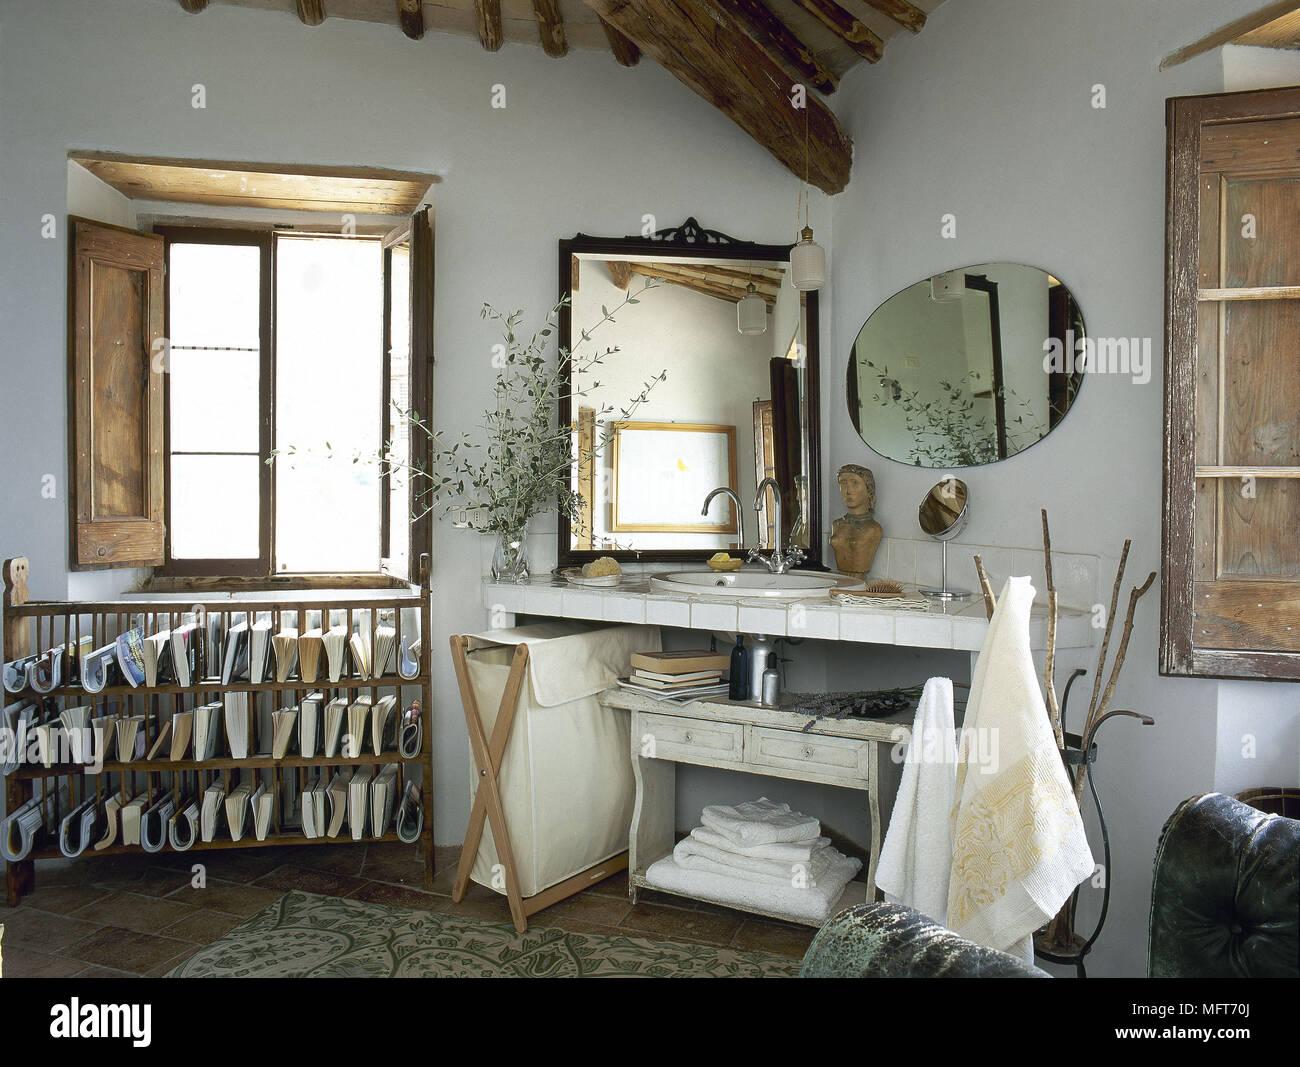 Paese rustico bagno lavandino in ceramica circondano interni bagni lavelli foto immagine stock for Lavandino bagno in pietra